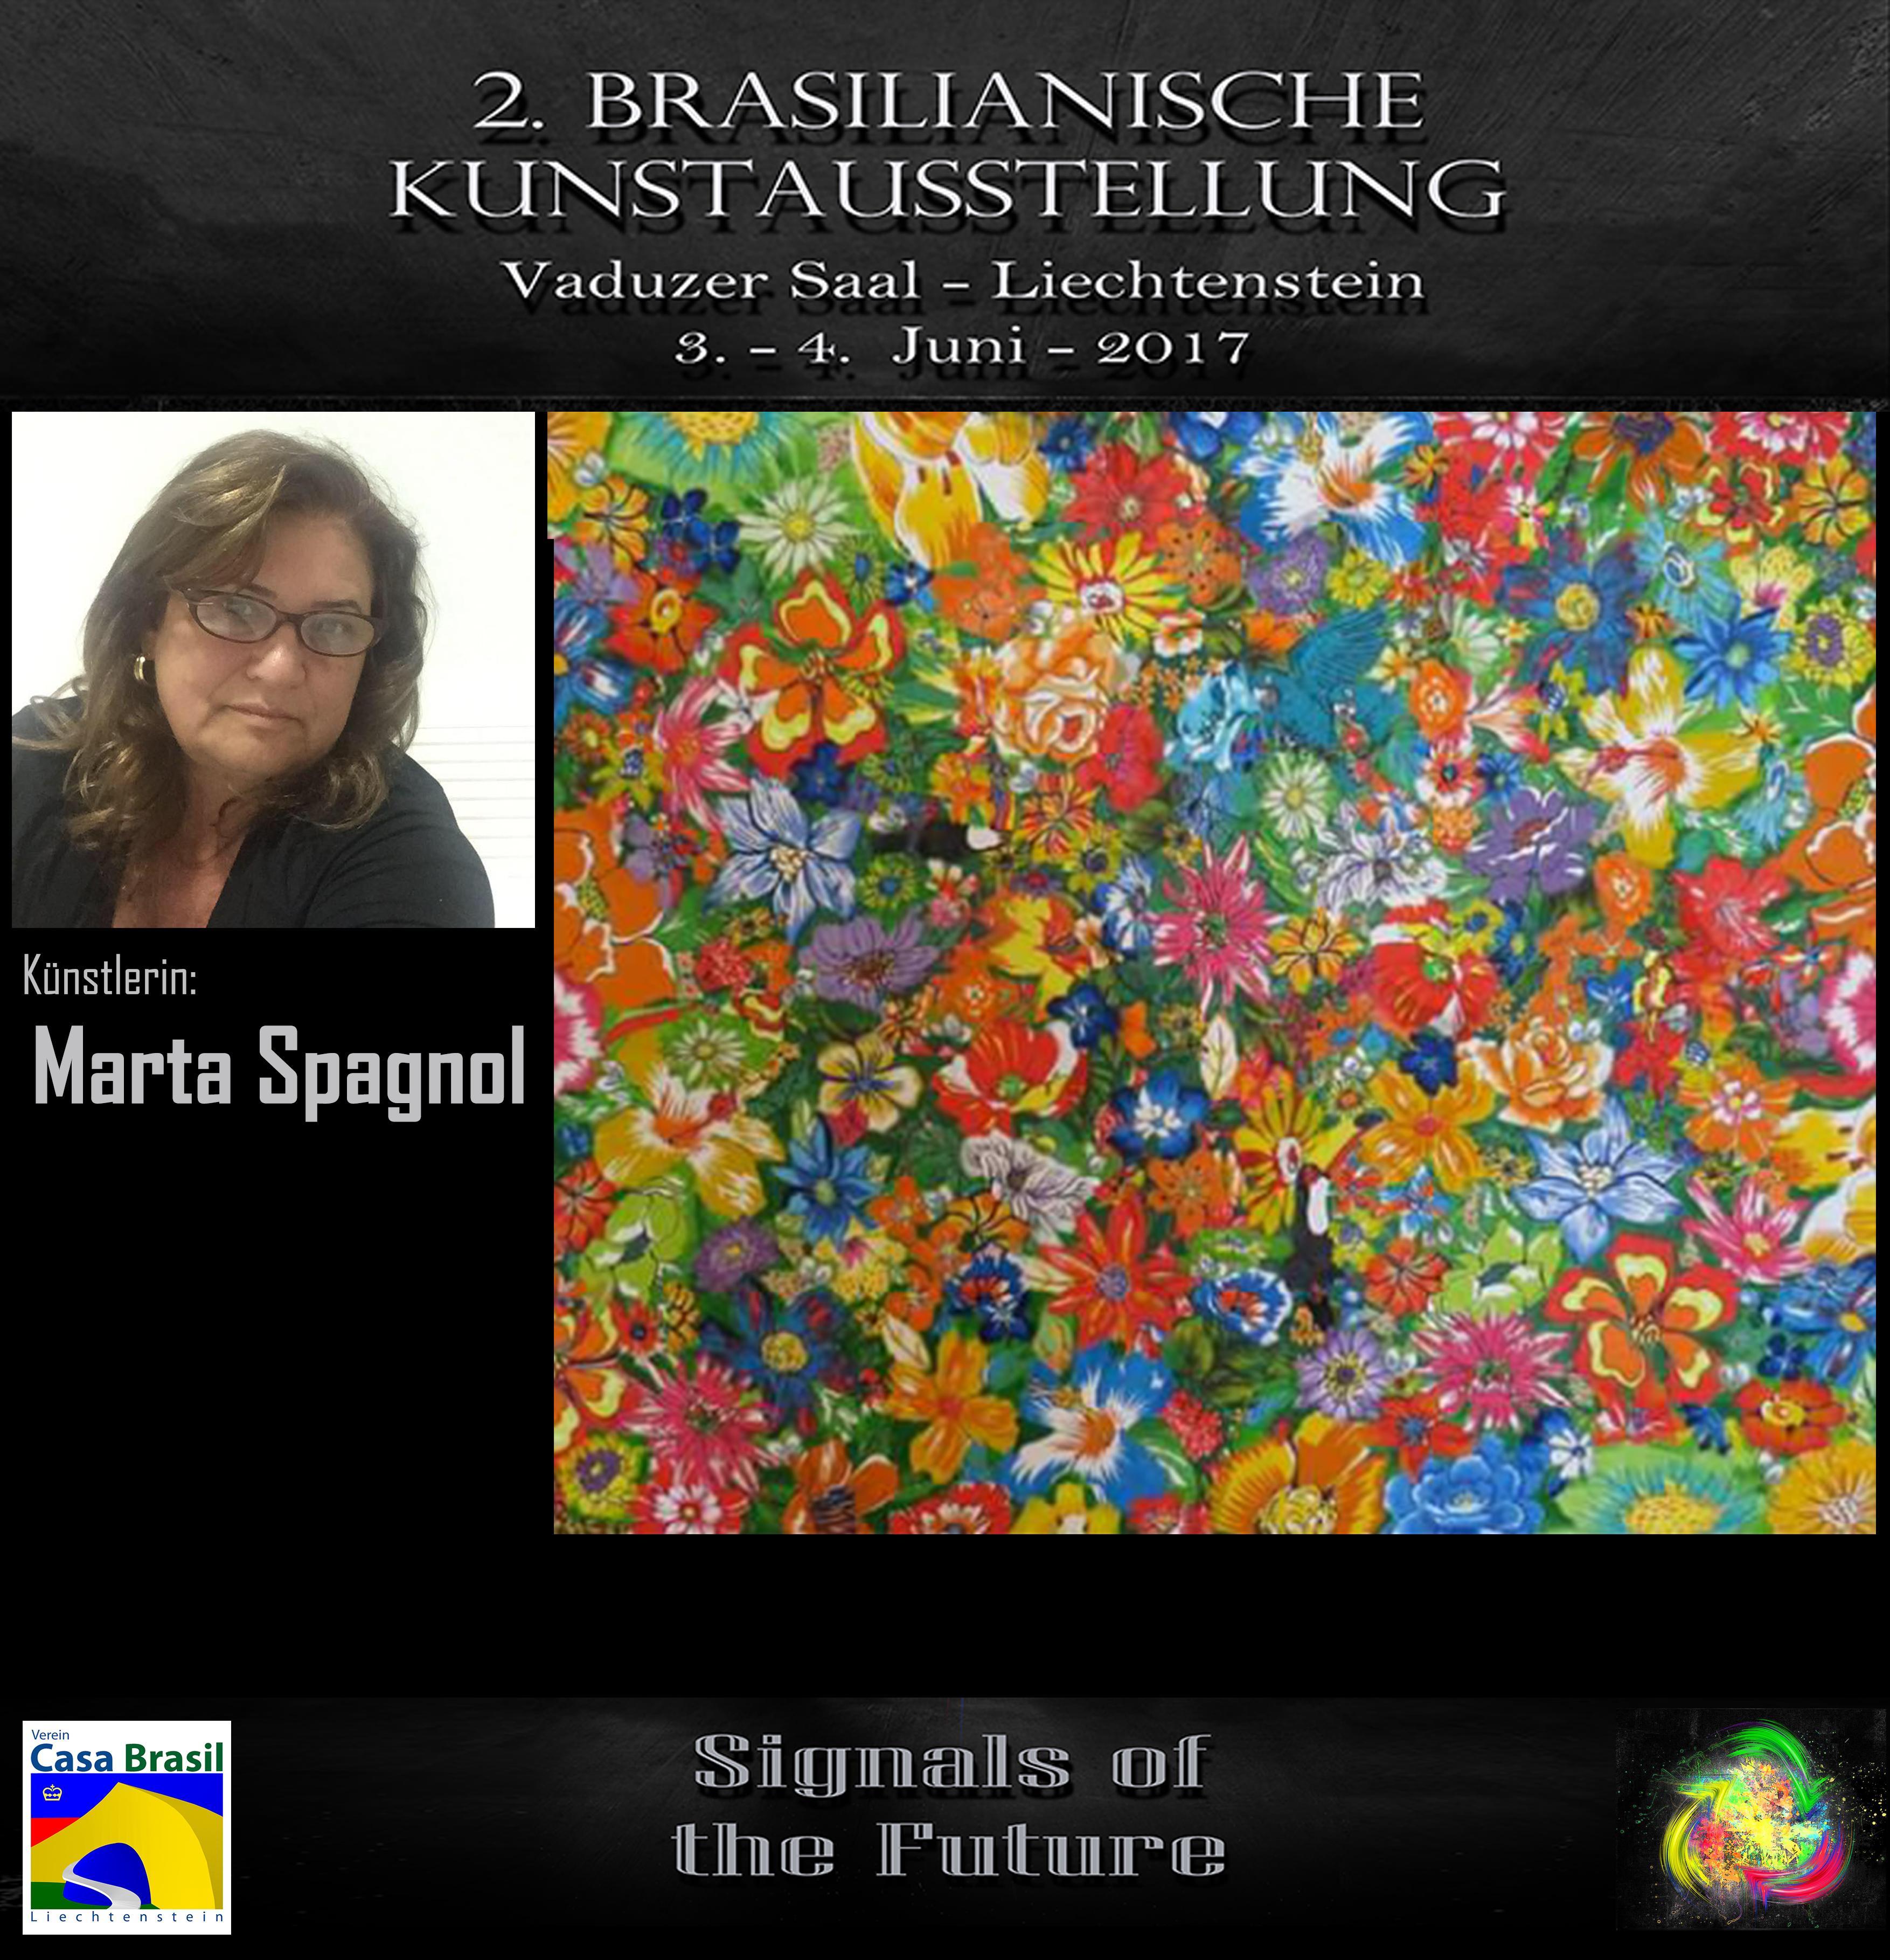 Marta Spagnol